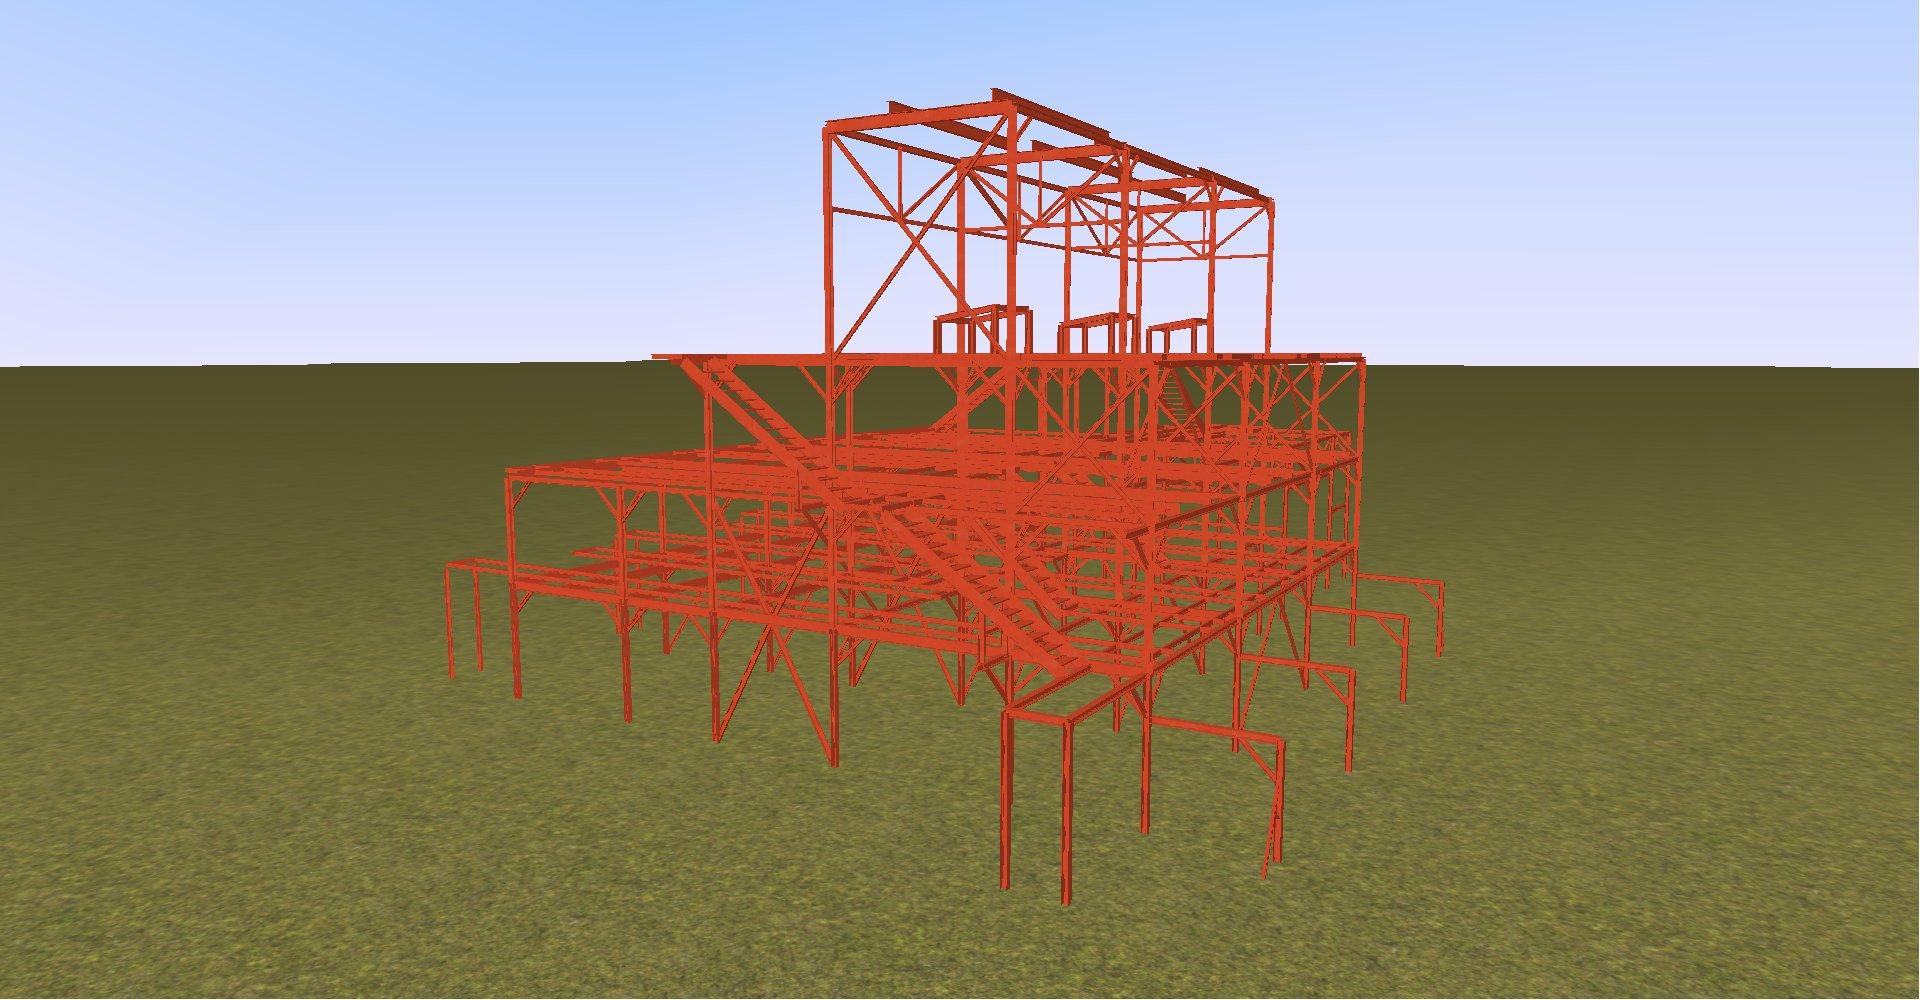 Planta de reciclaje 01 - Proyectos ACCE Ingeniería